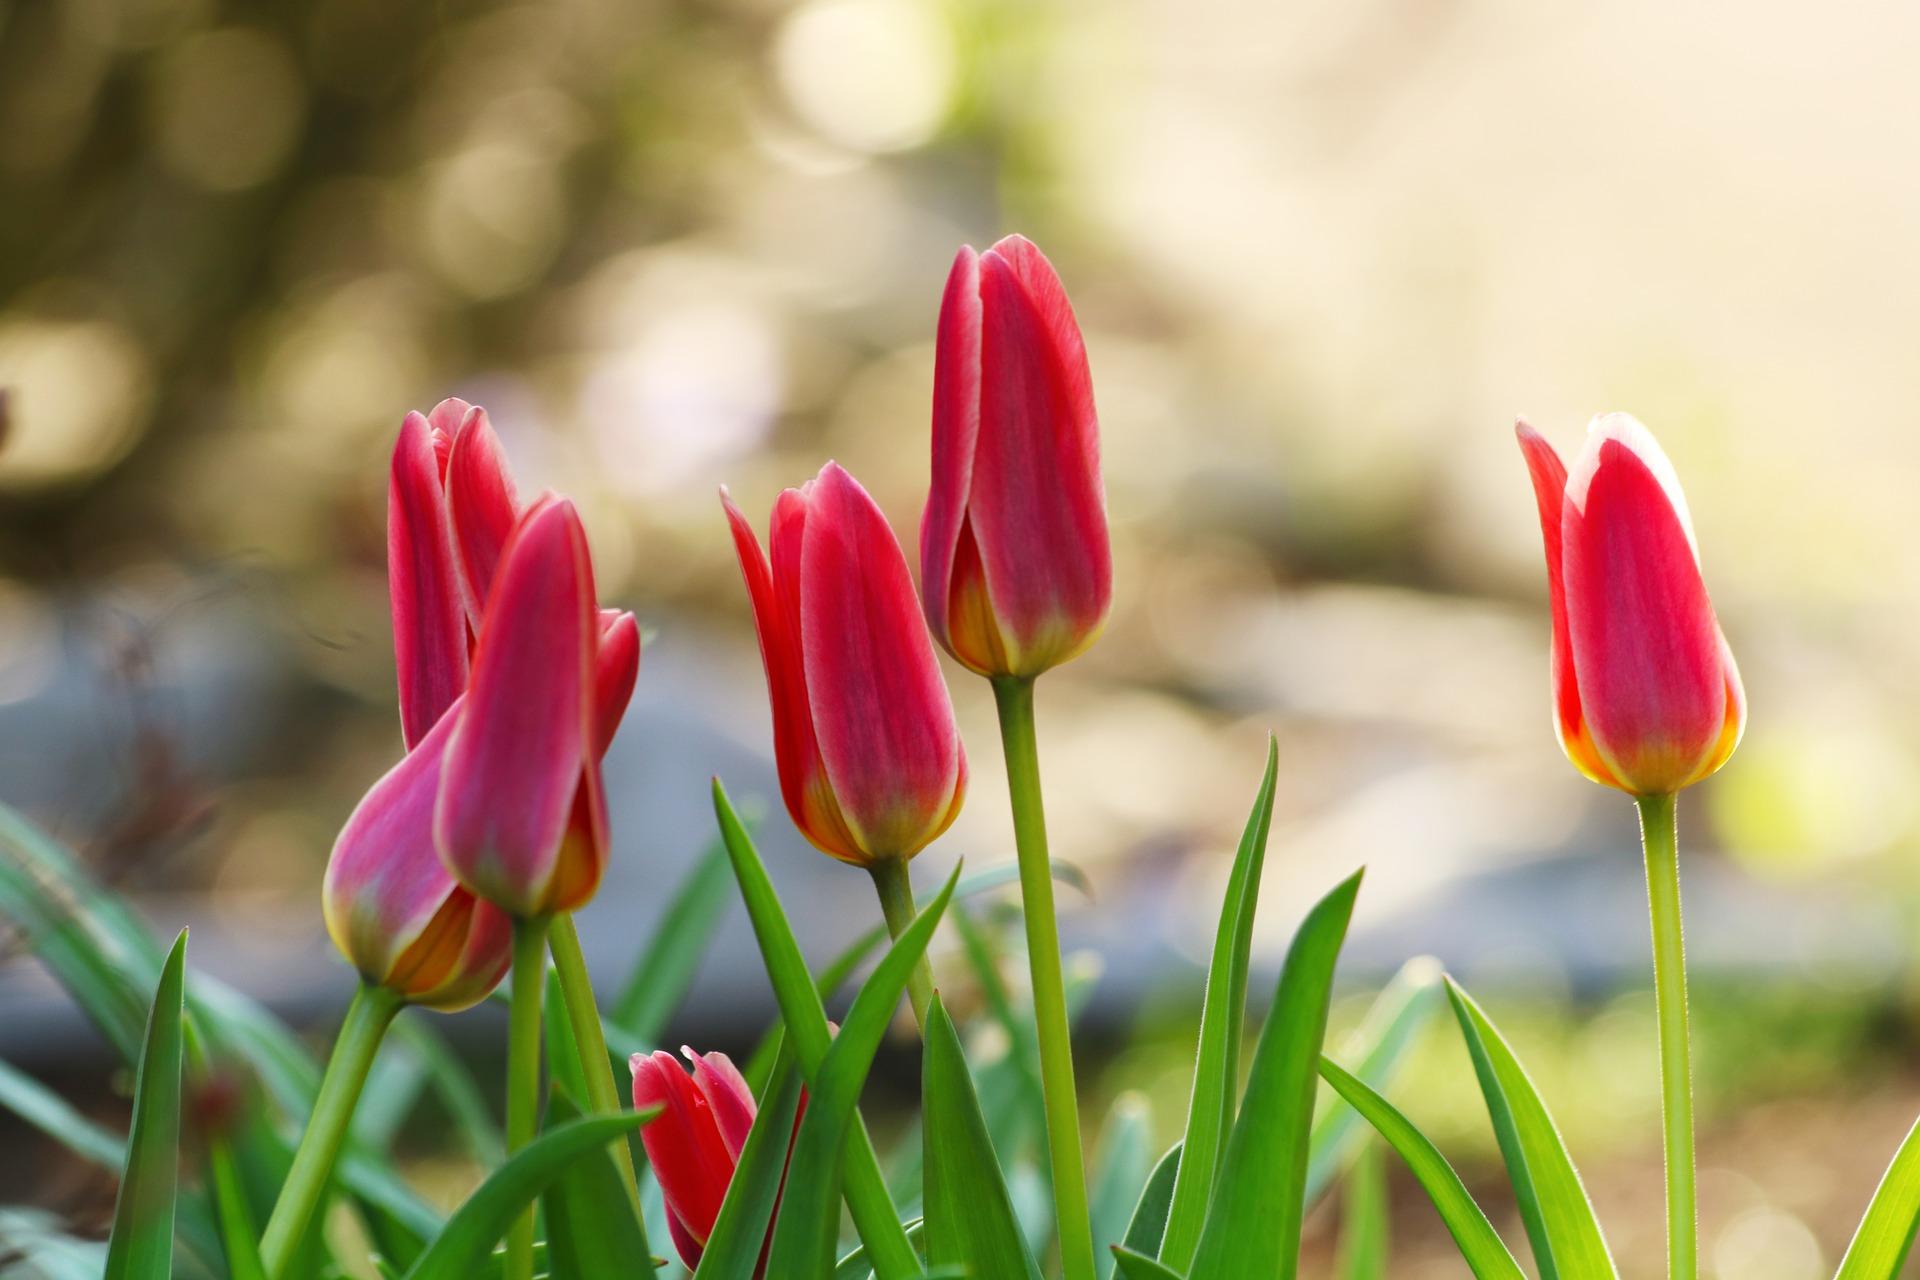 Tulp bloembollen